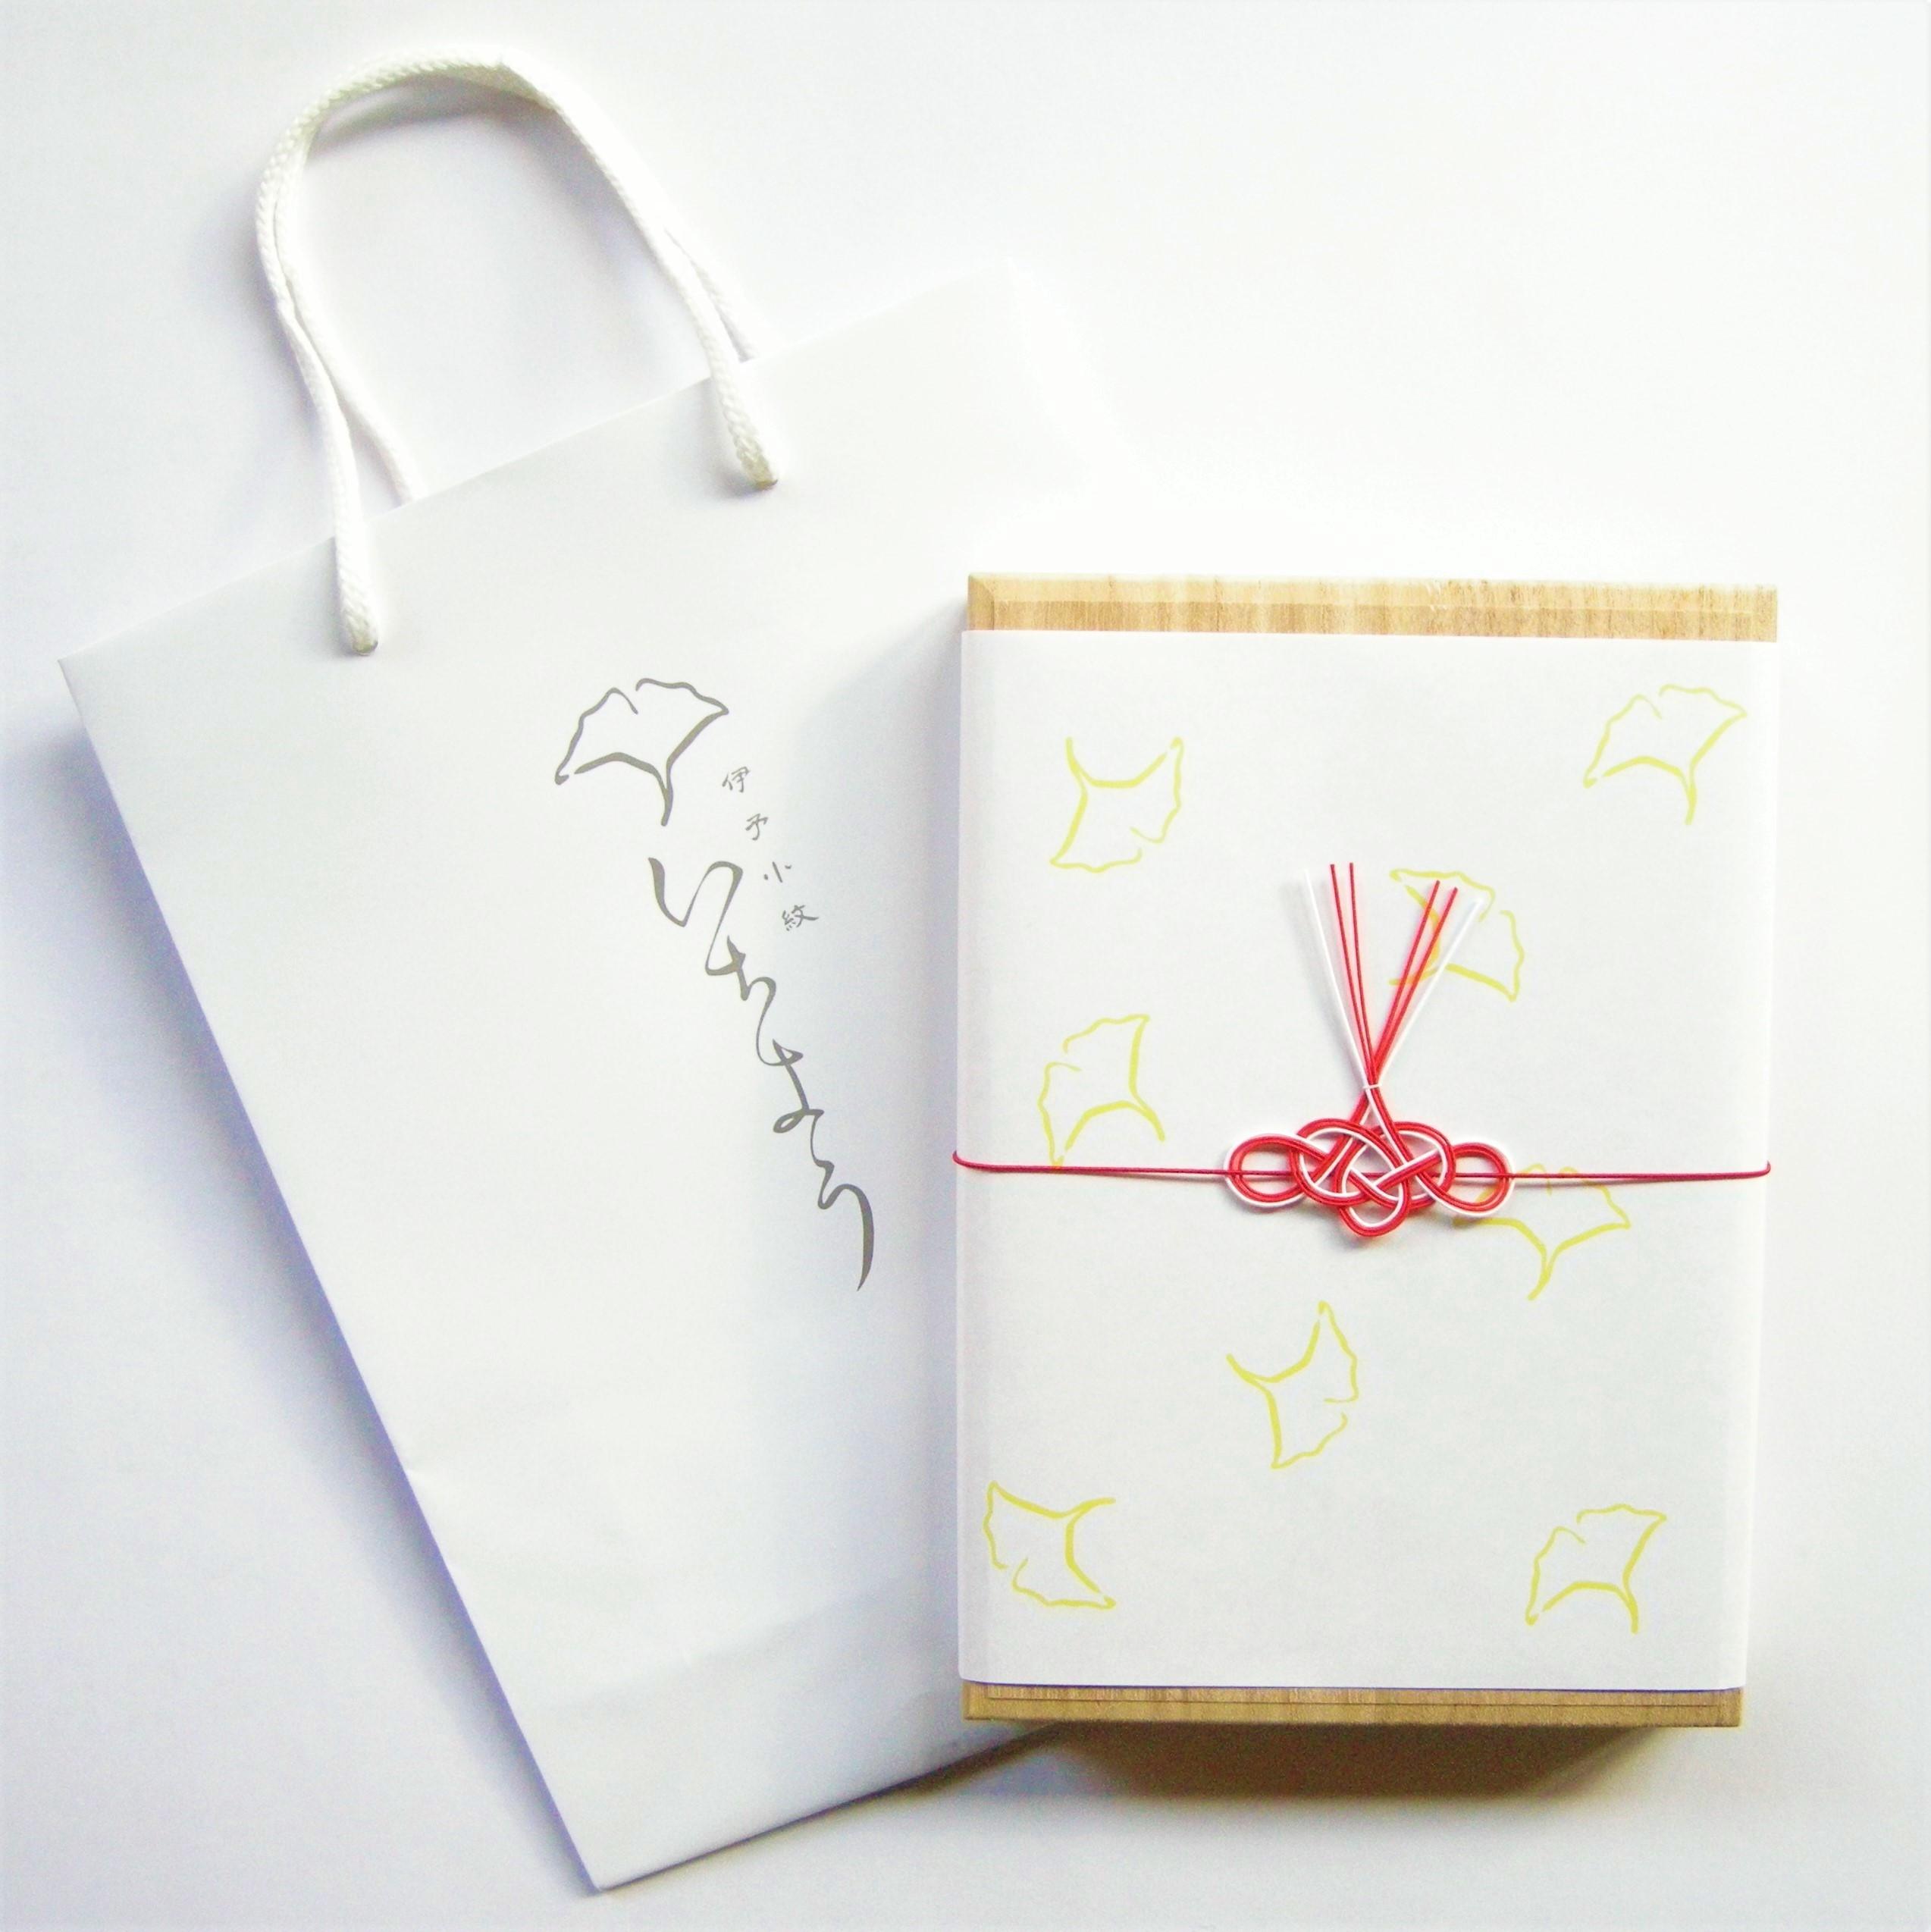 ふくさ ギフト〈 伊予水引・紙袋セット 〉